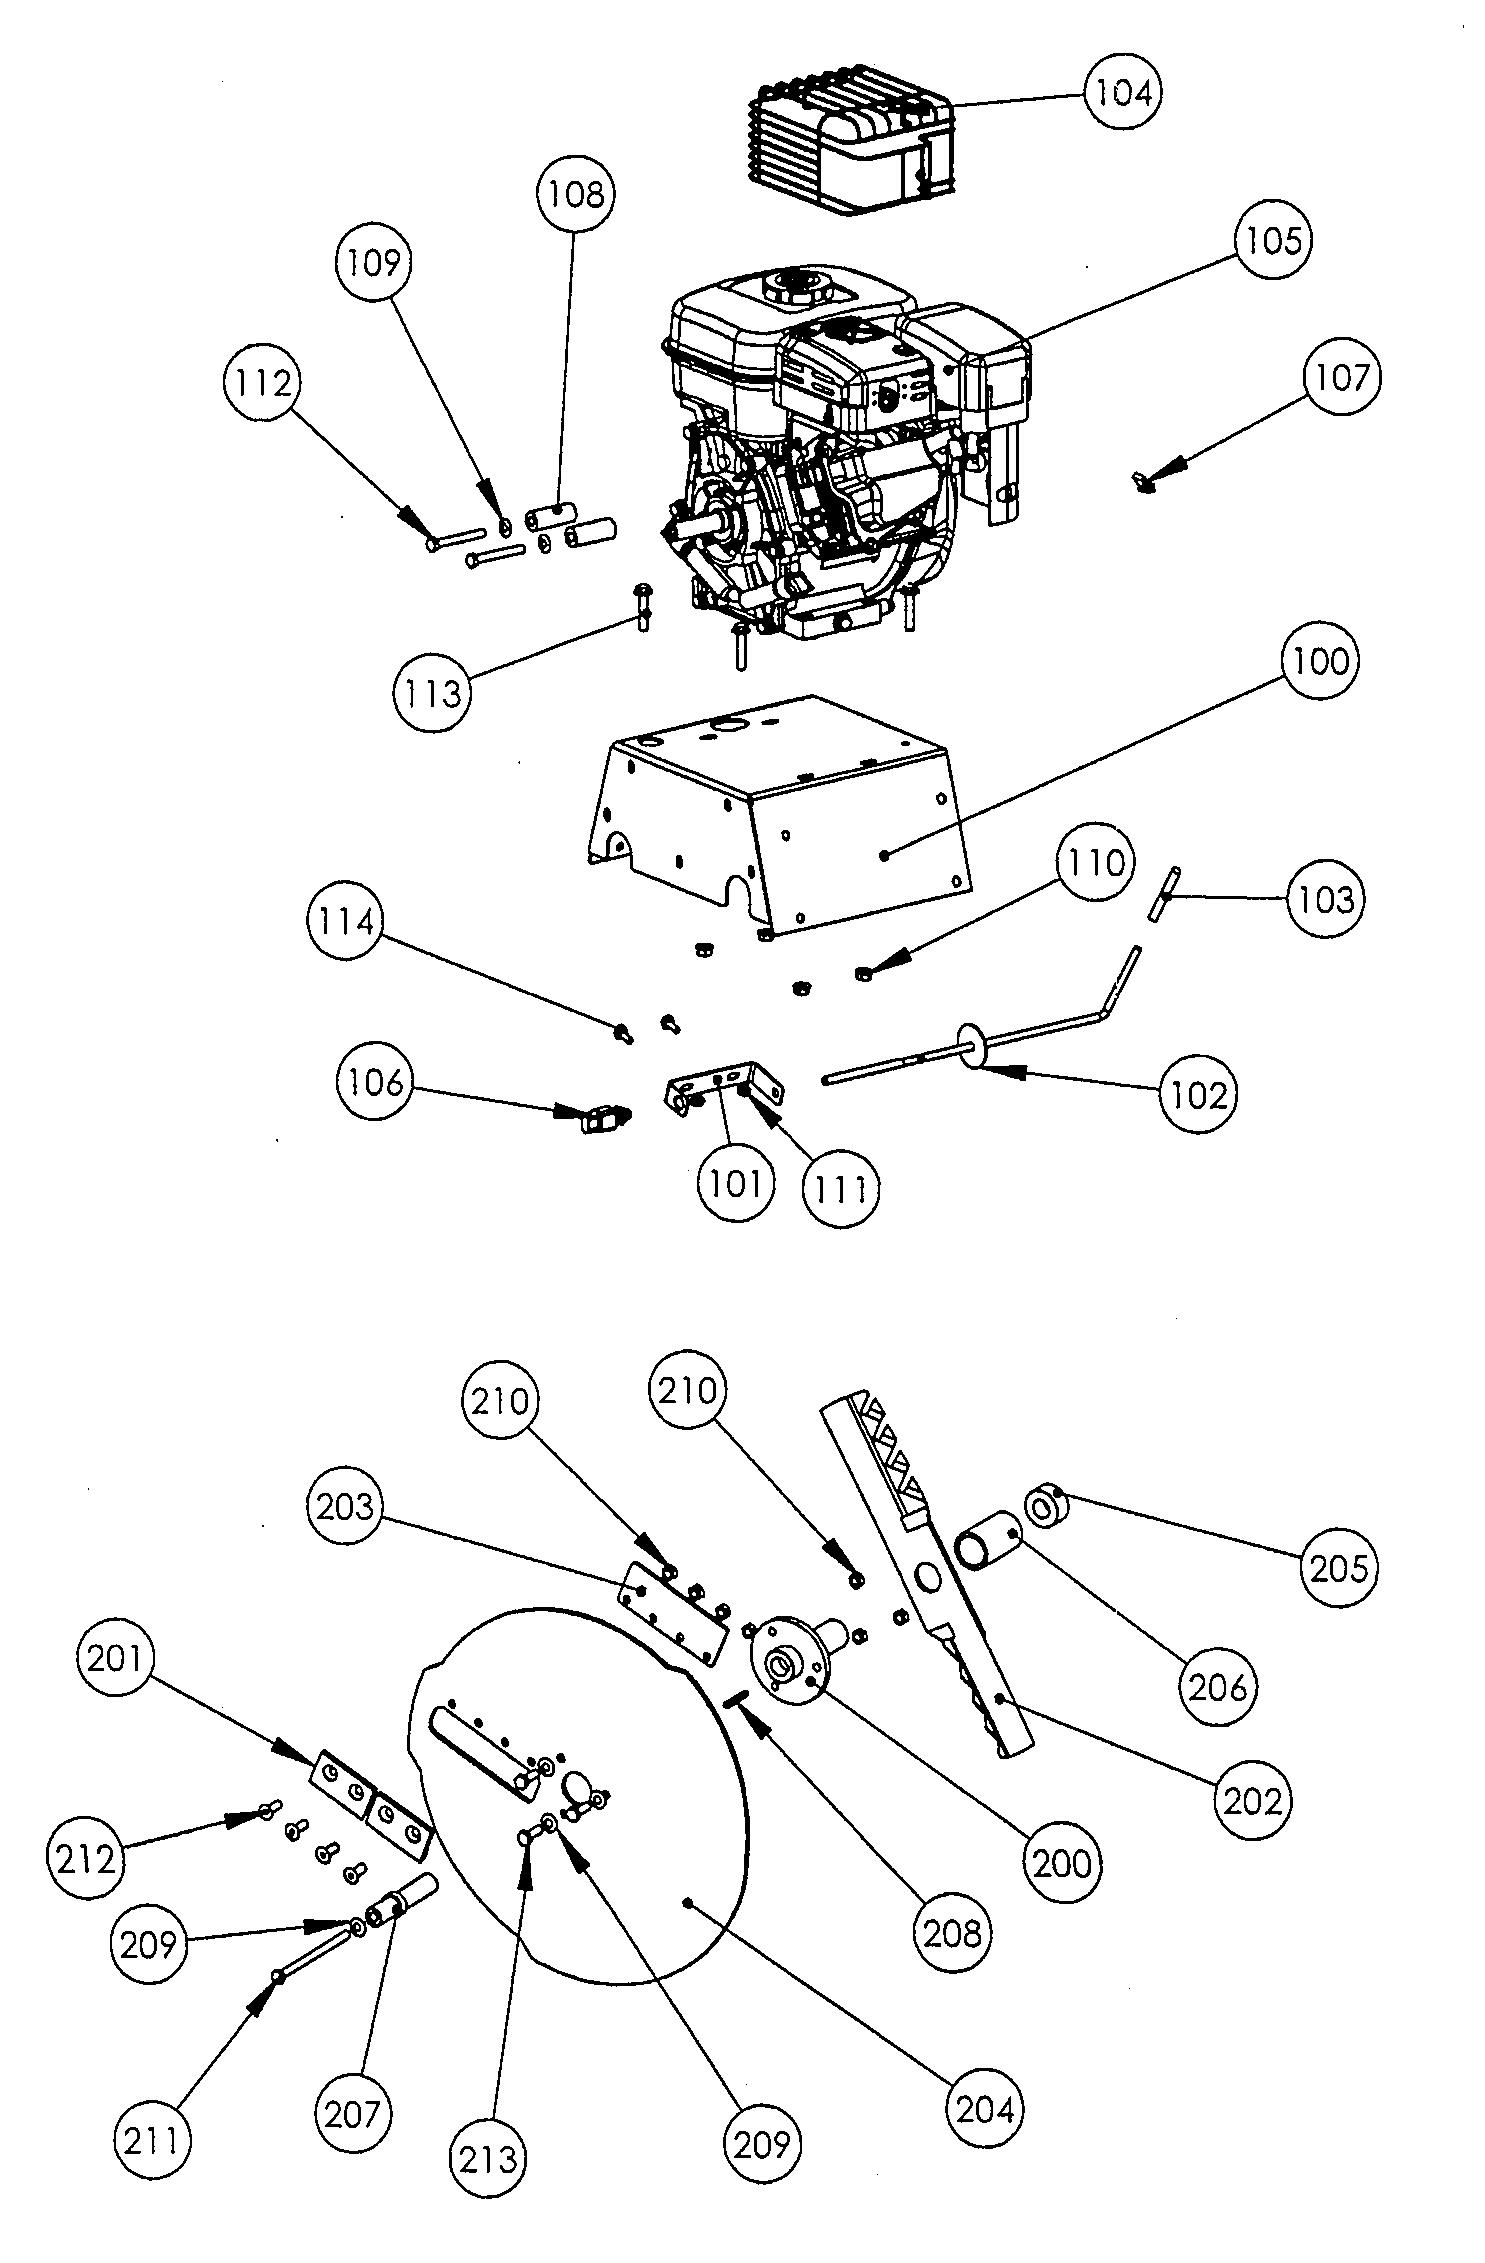 OMB 6 Broyeur à végétaux OLEOMAC Dessins pièces vue éclatée  Moteur et coupe